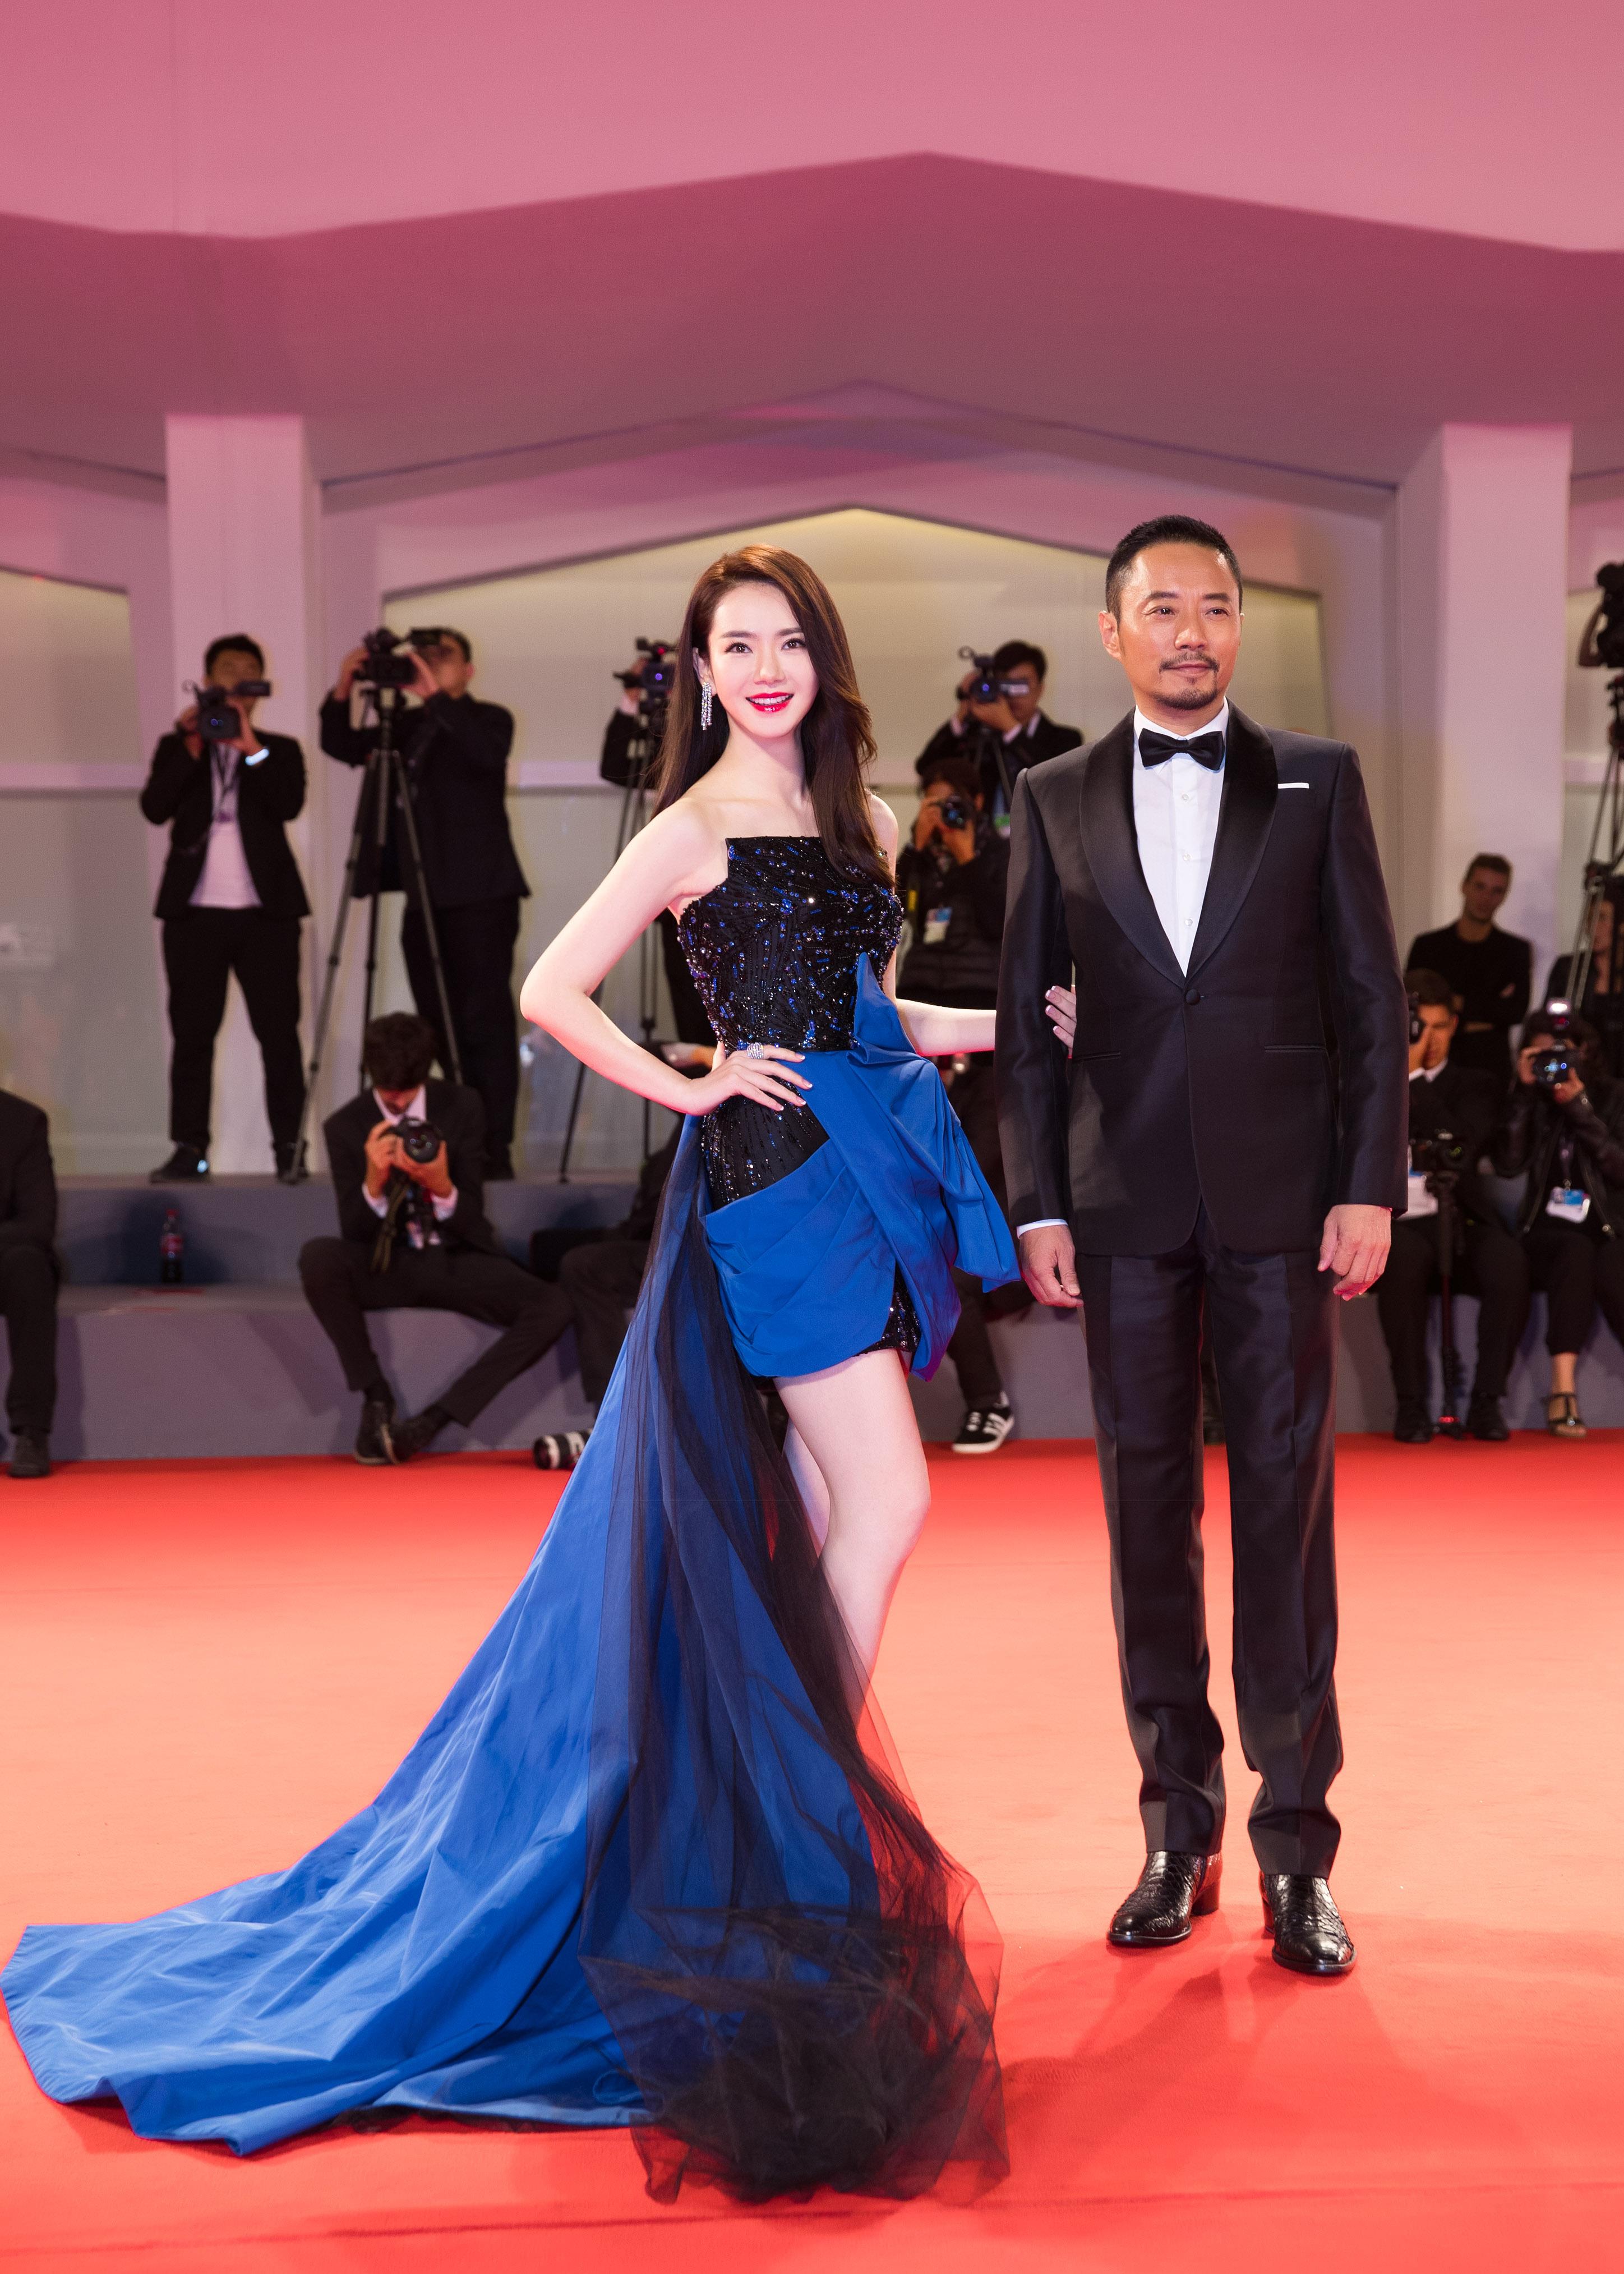 《追捕》威尼斯电影节首映 戚薇宝石装闪耀红毯